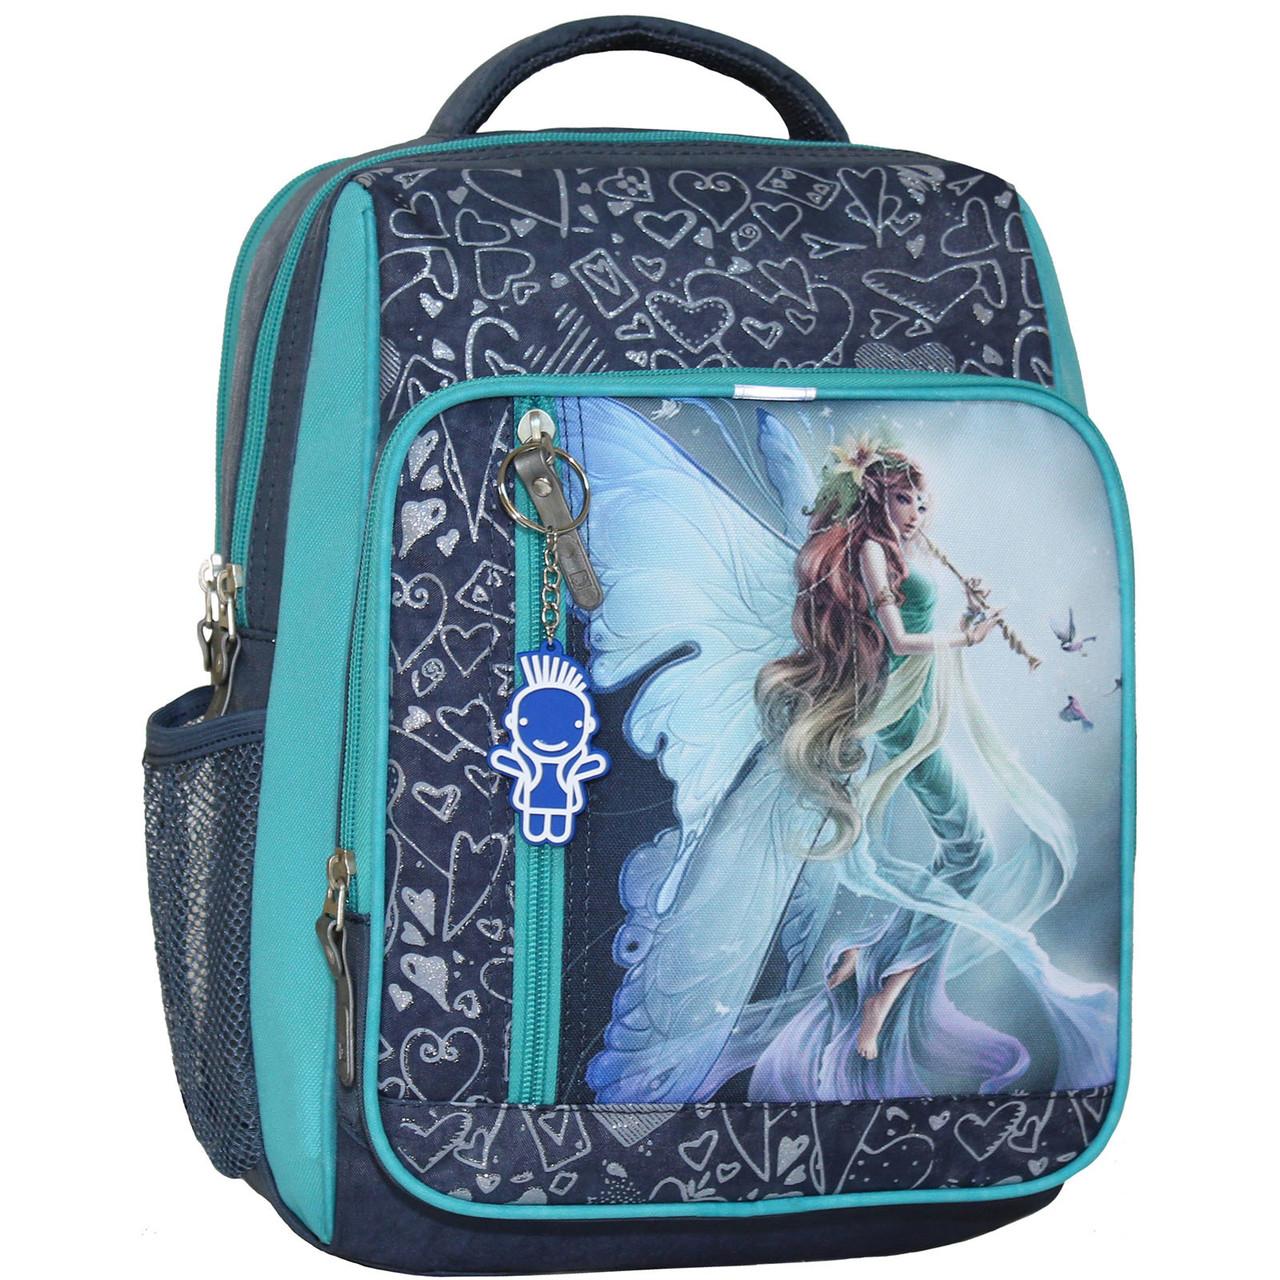 Рюкзак школьный Bagland Школьник 8 л. 321 серый 90д (0012870)